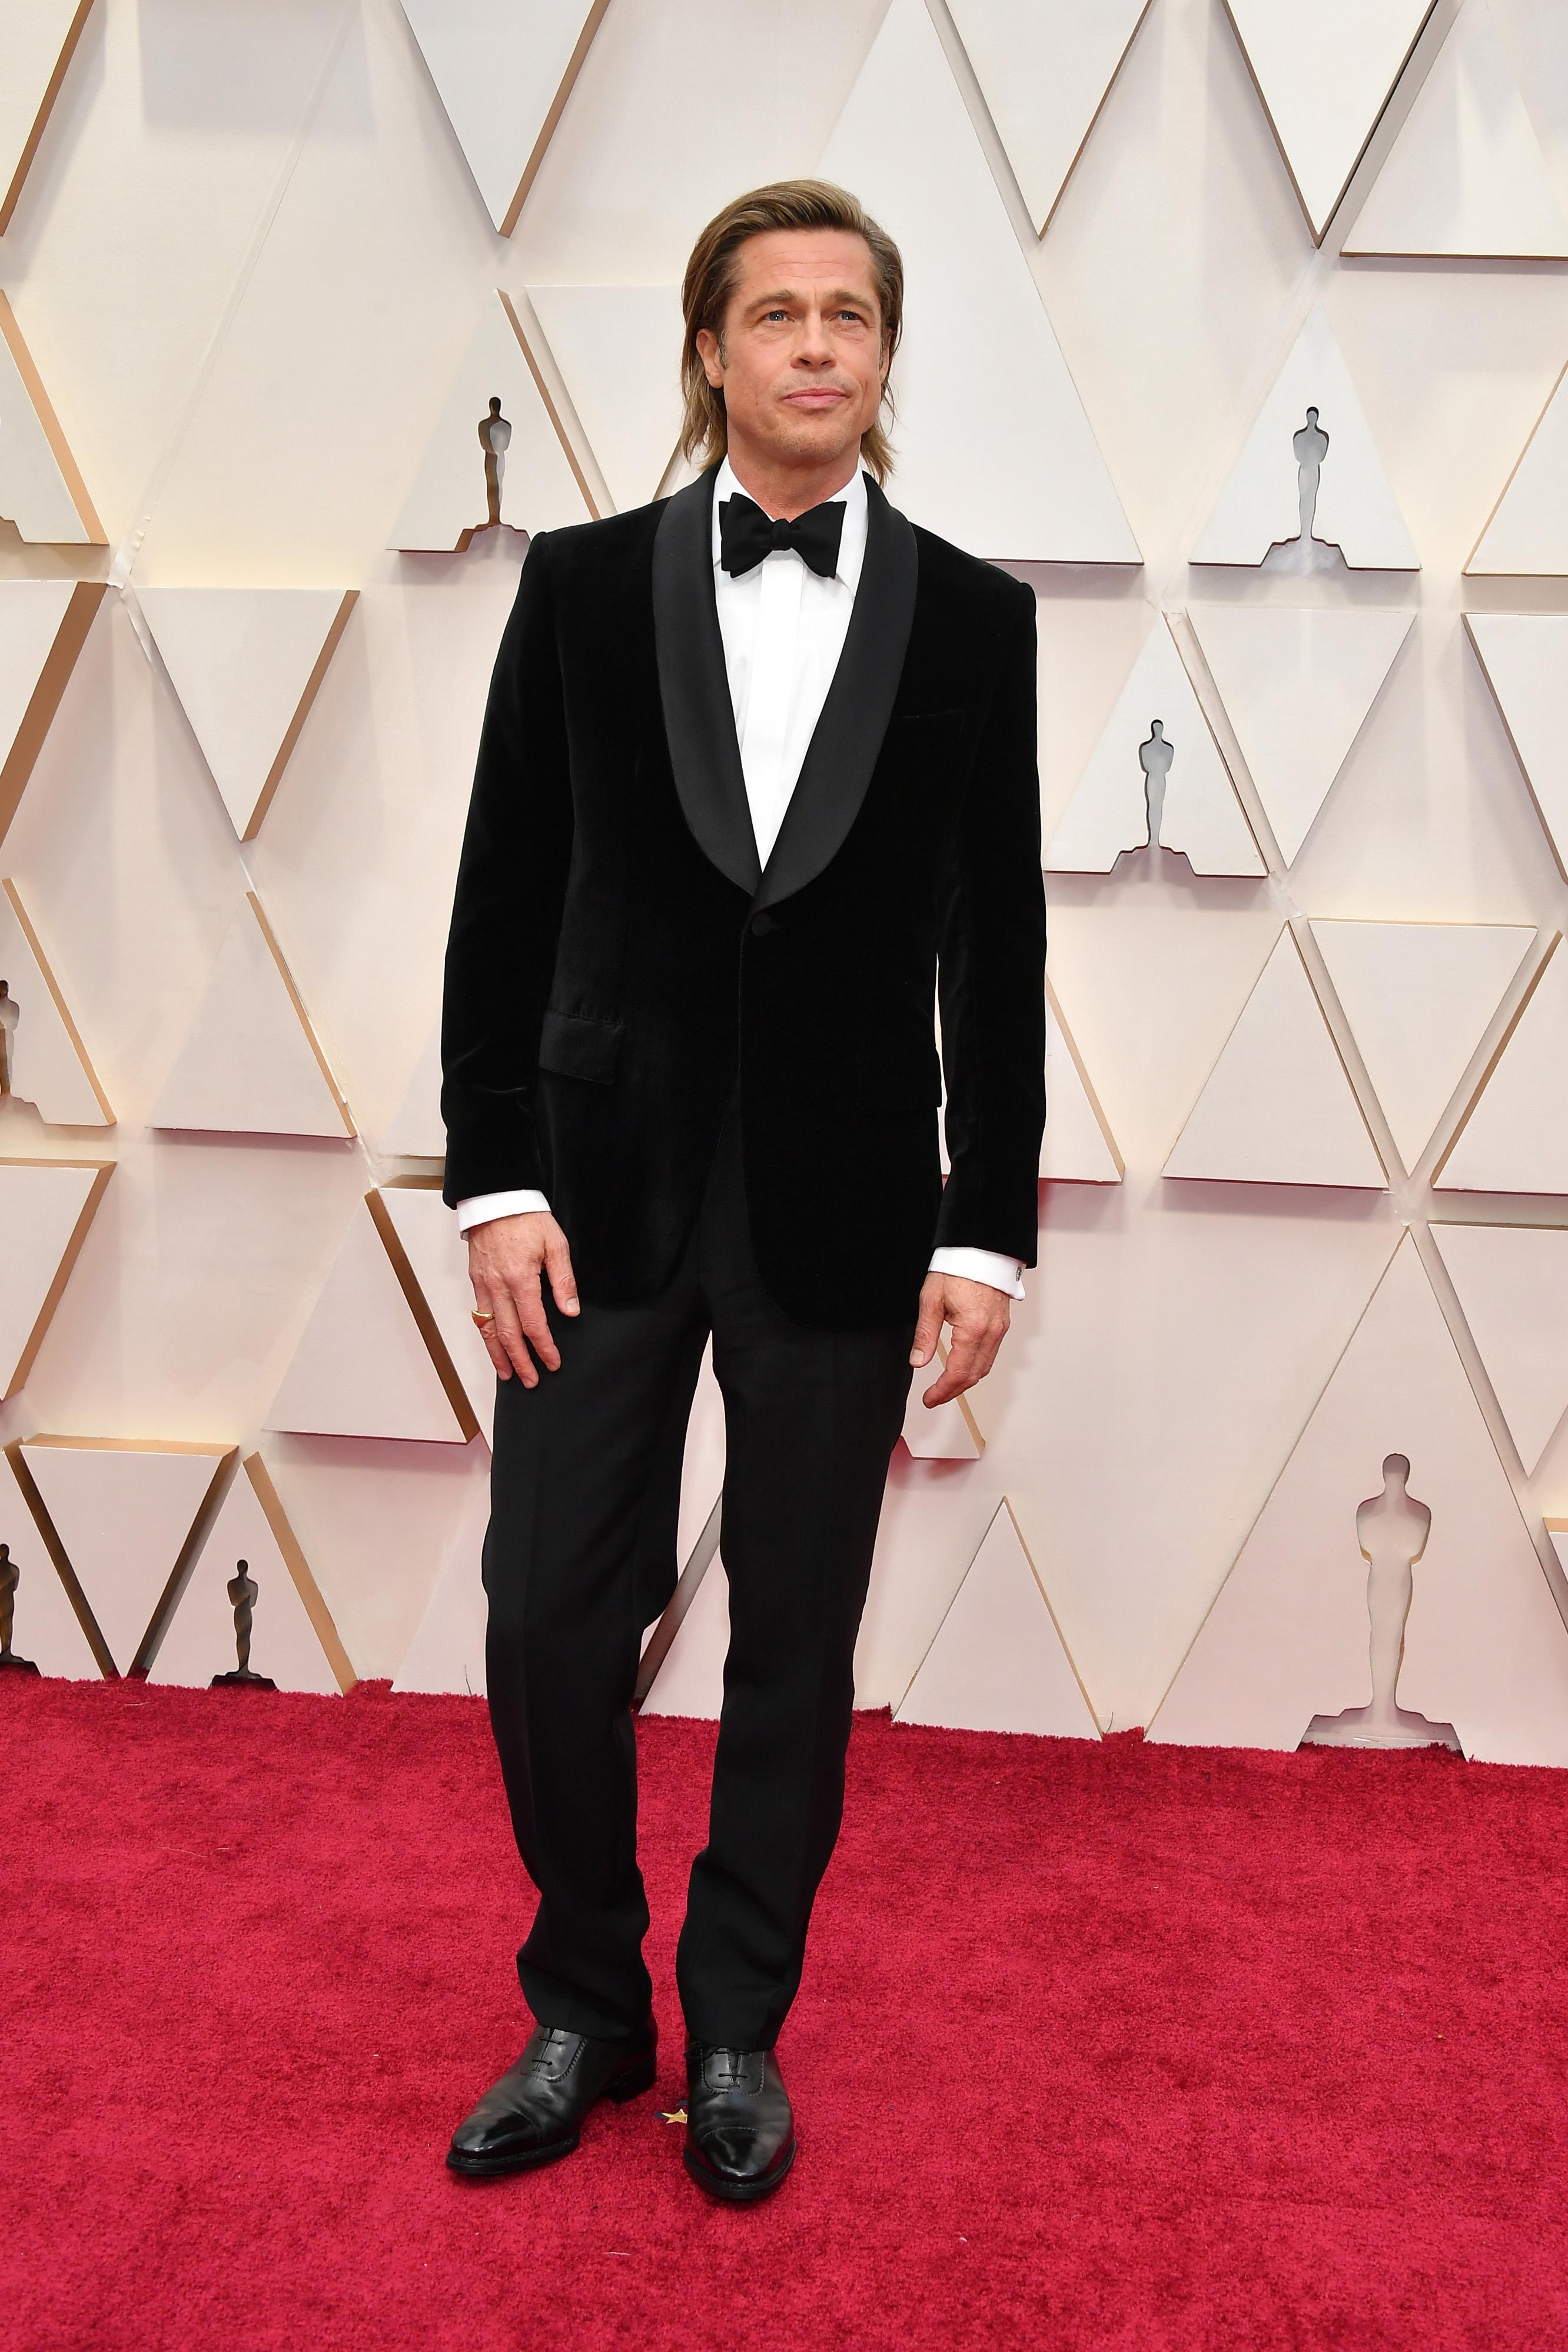 Брад Пит  Когато изглеждаш като Брад Пит не е трудно да обереш овации и за най-добре облечен актьор. Смятаме контраста между кадифеното сако и вълнените панталони за добър fashion statement.